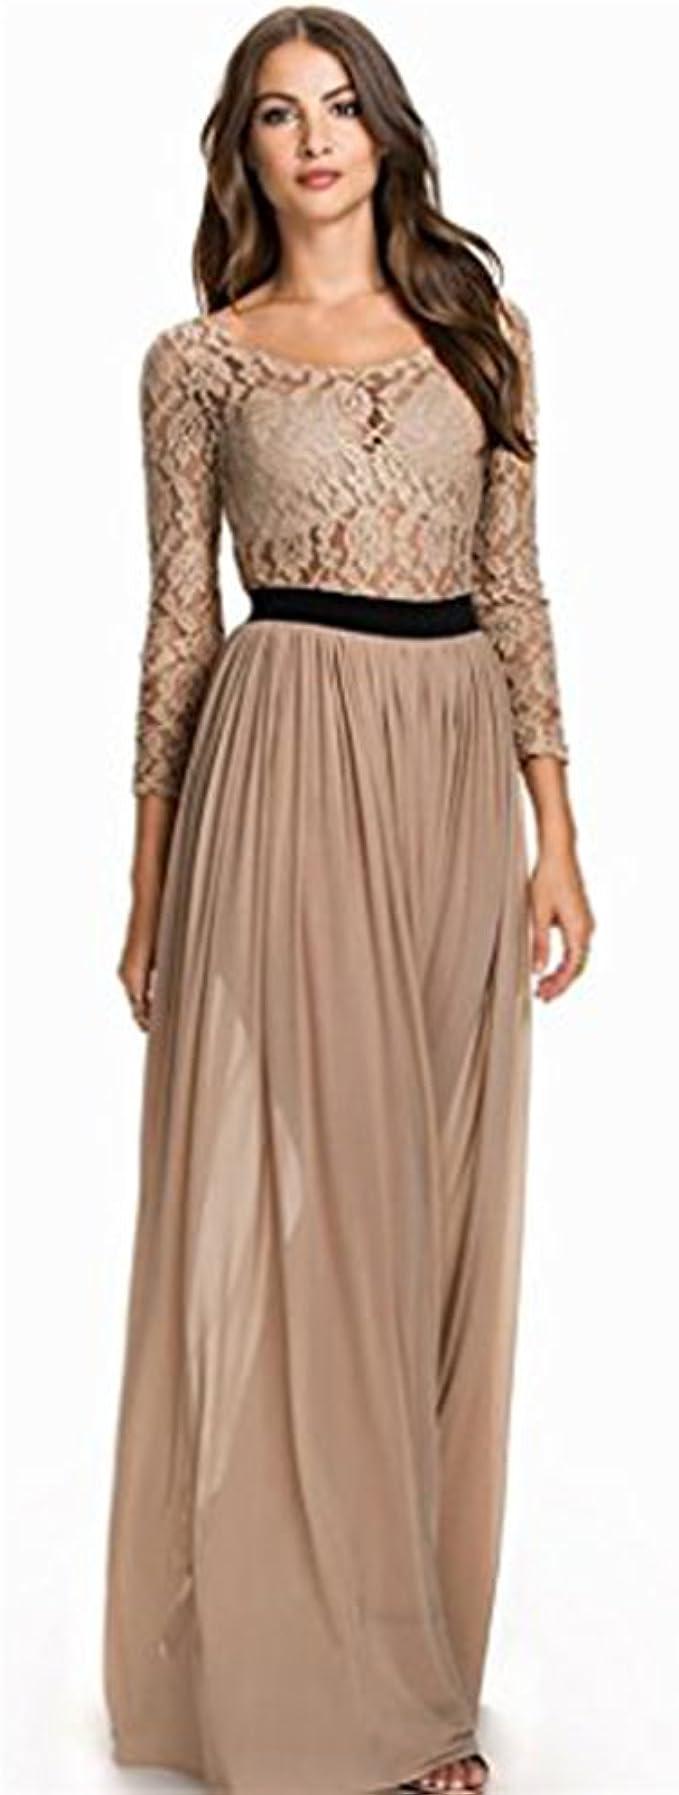 Kleid langes Abendkleid in Spitze und chiffon - Dunkelbeige